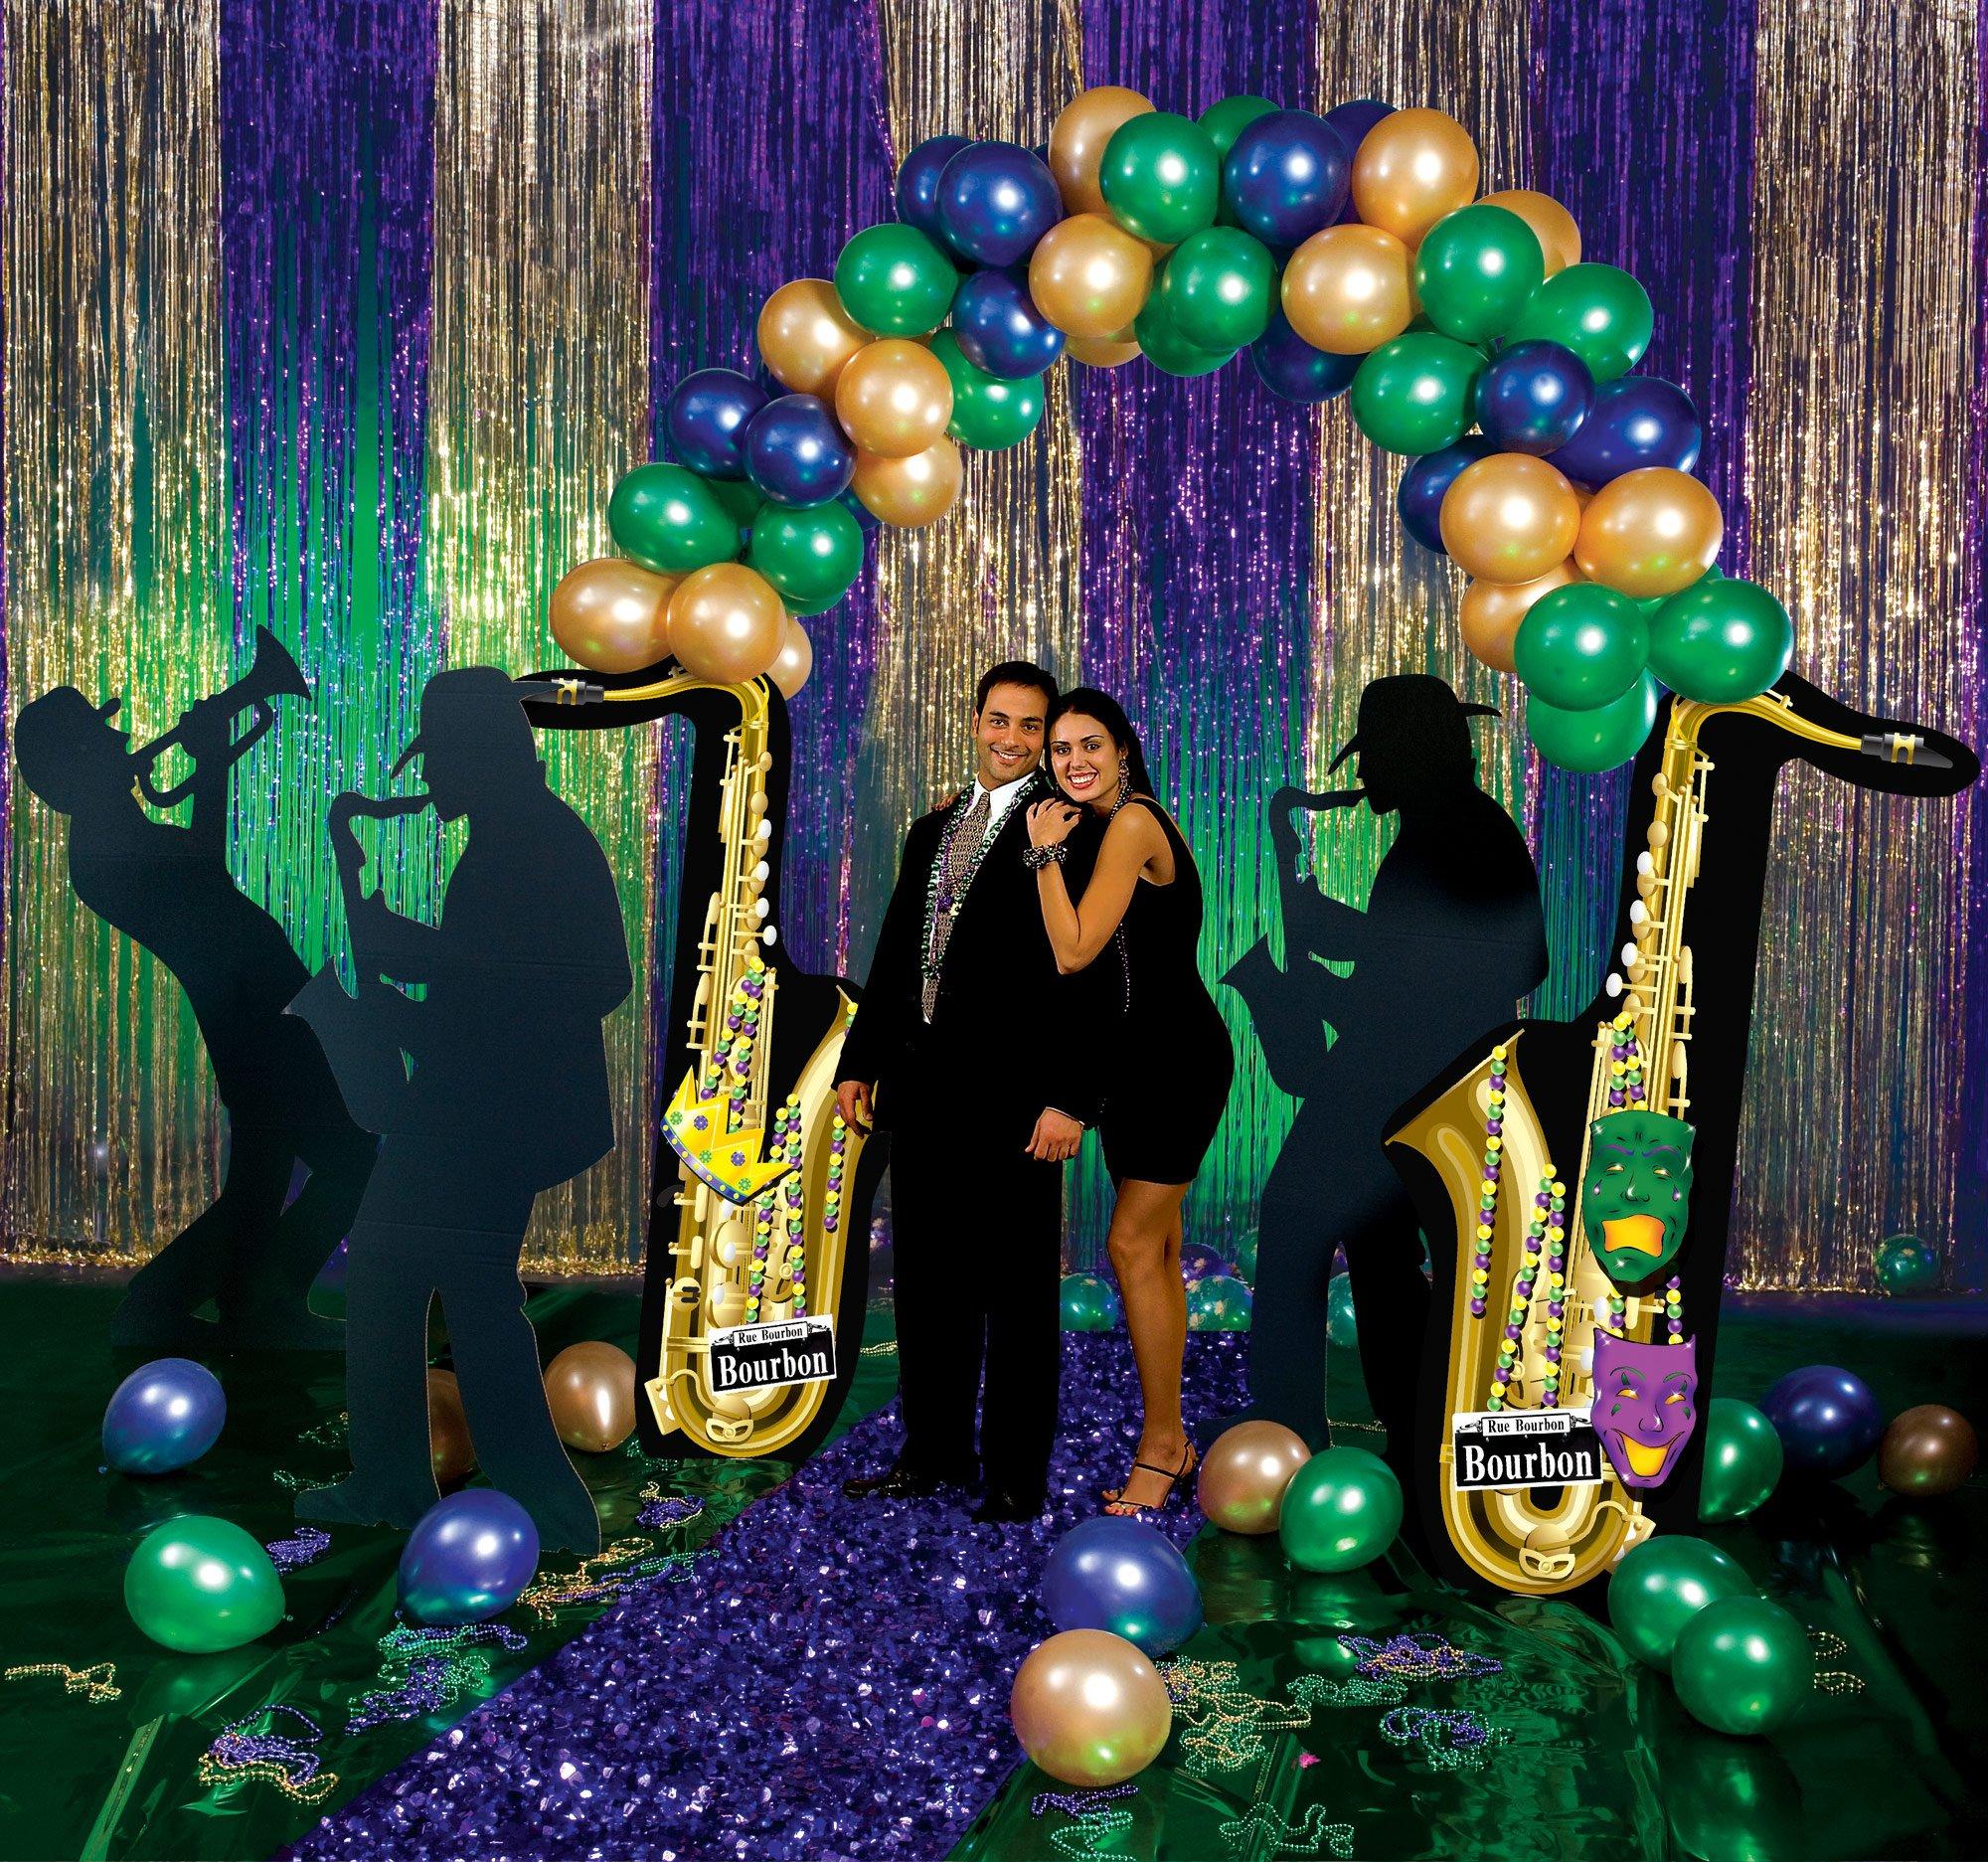 Mardi Gras Balloon Party Prop